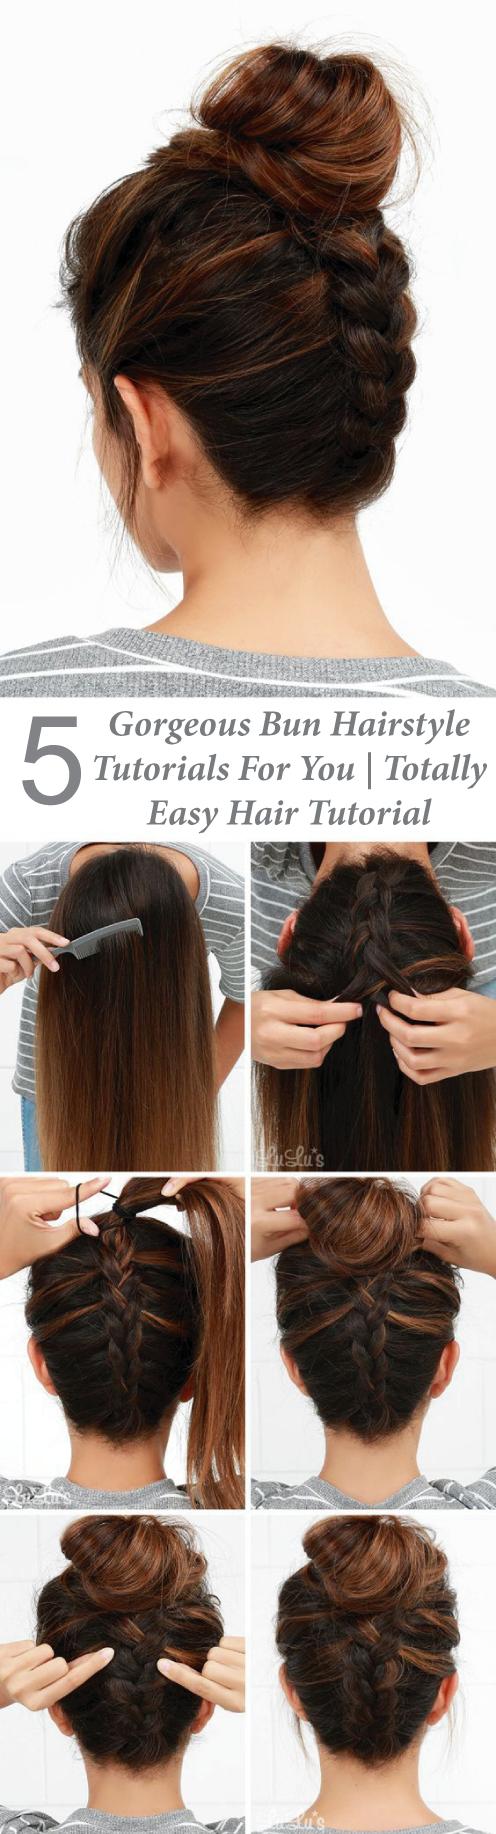 gorgeous bun hairstyle tutorials for you bun hairstyle